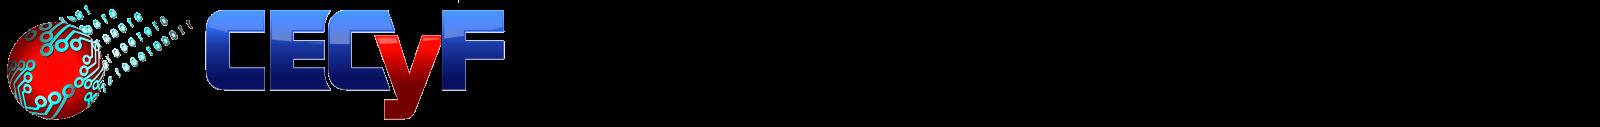 cecyf_hor_1600x127